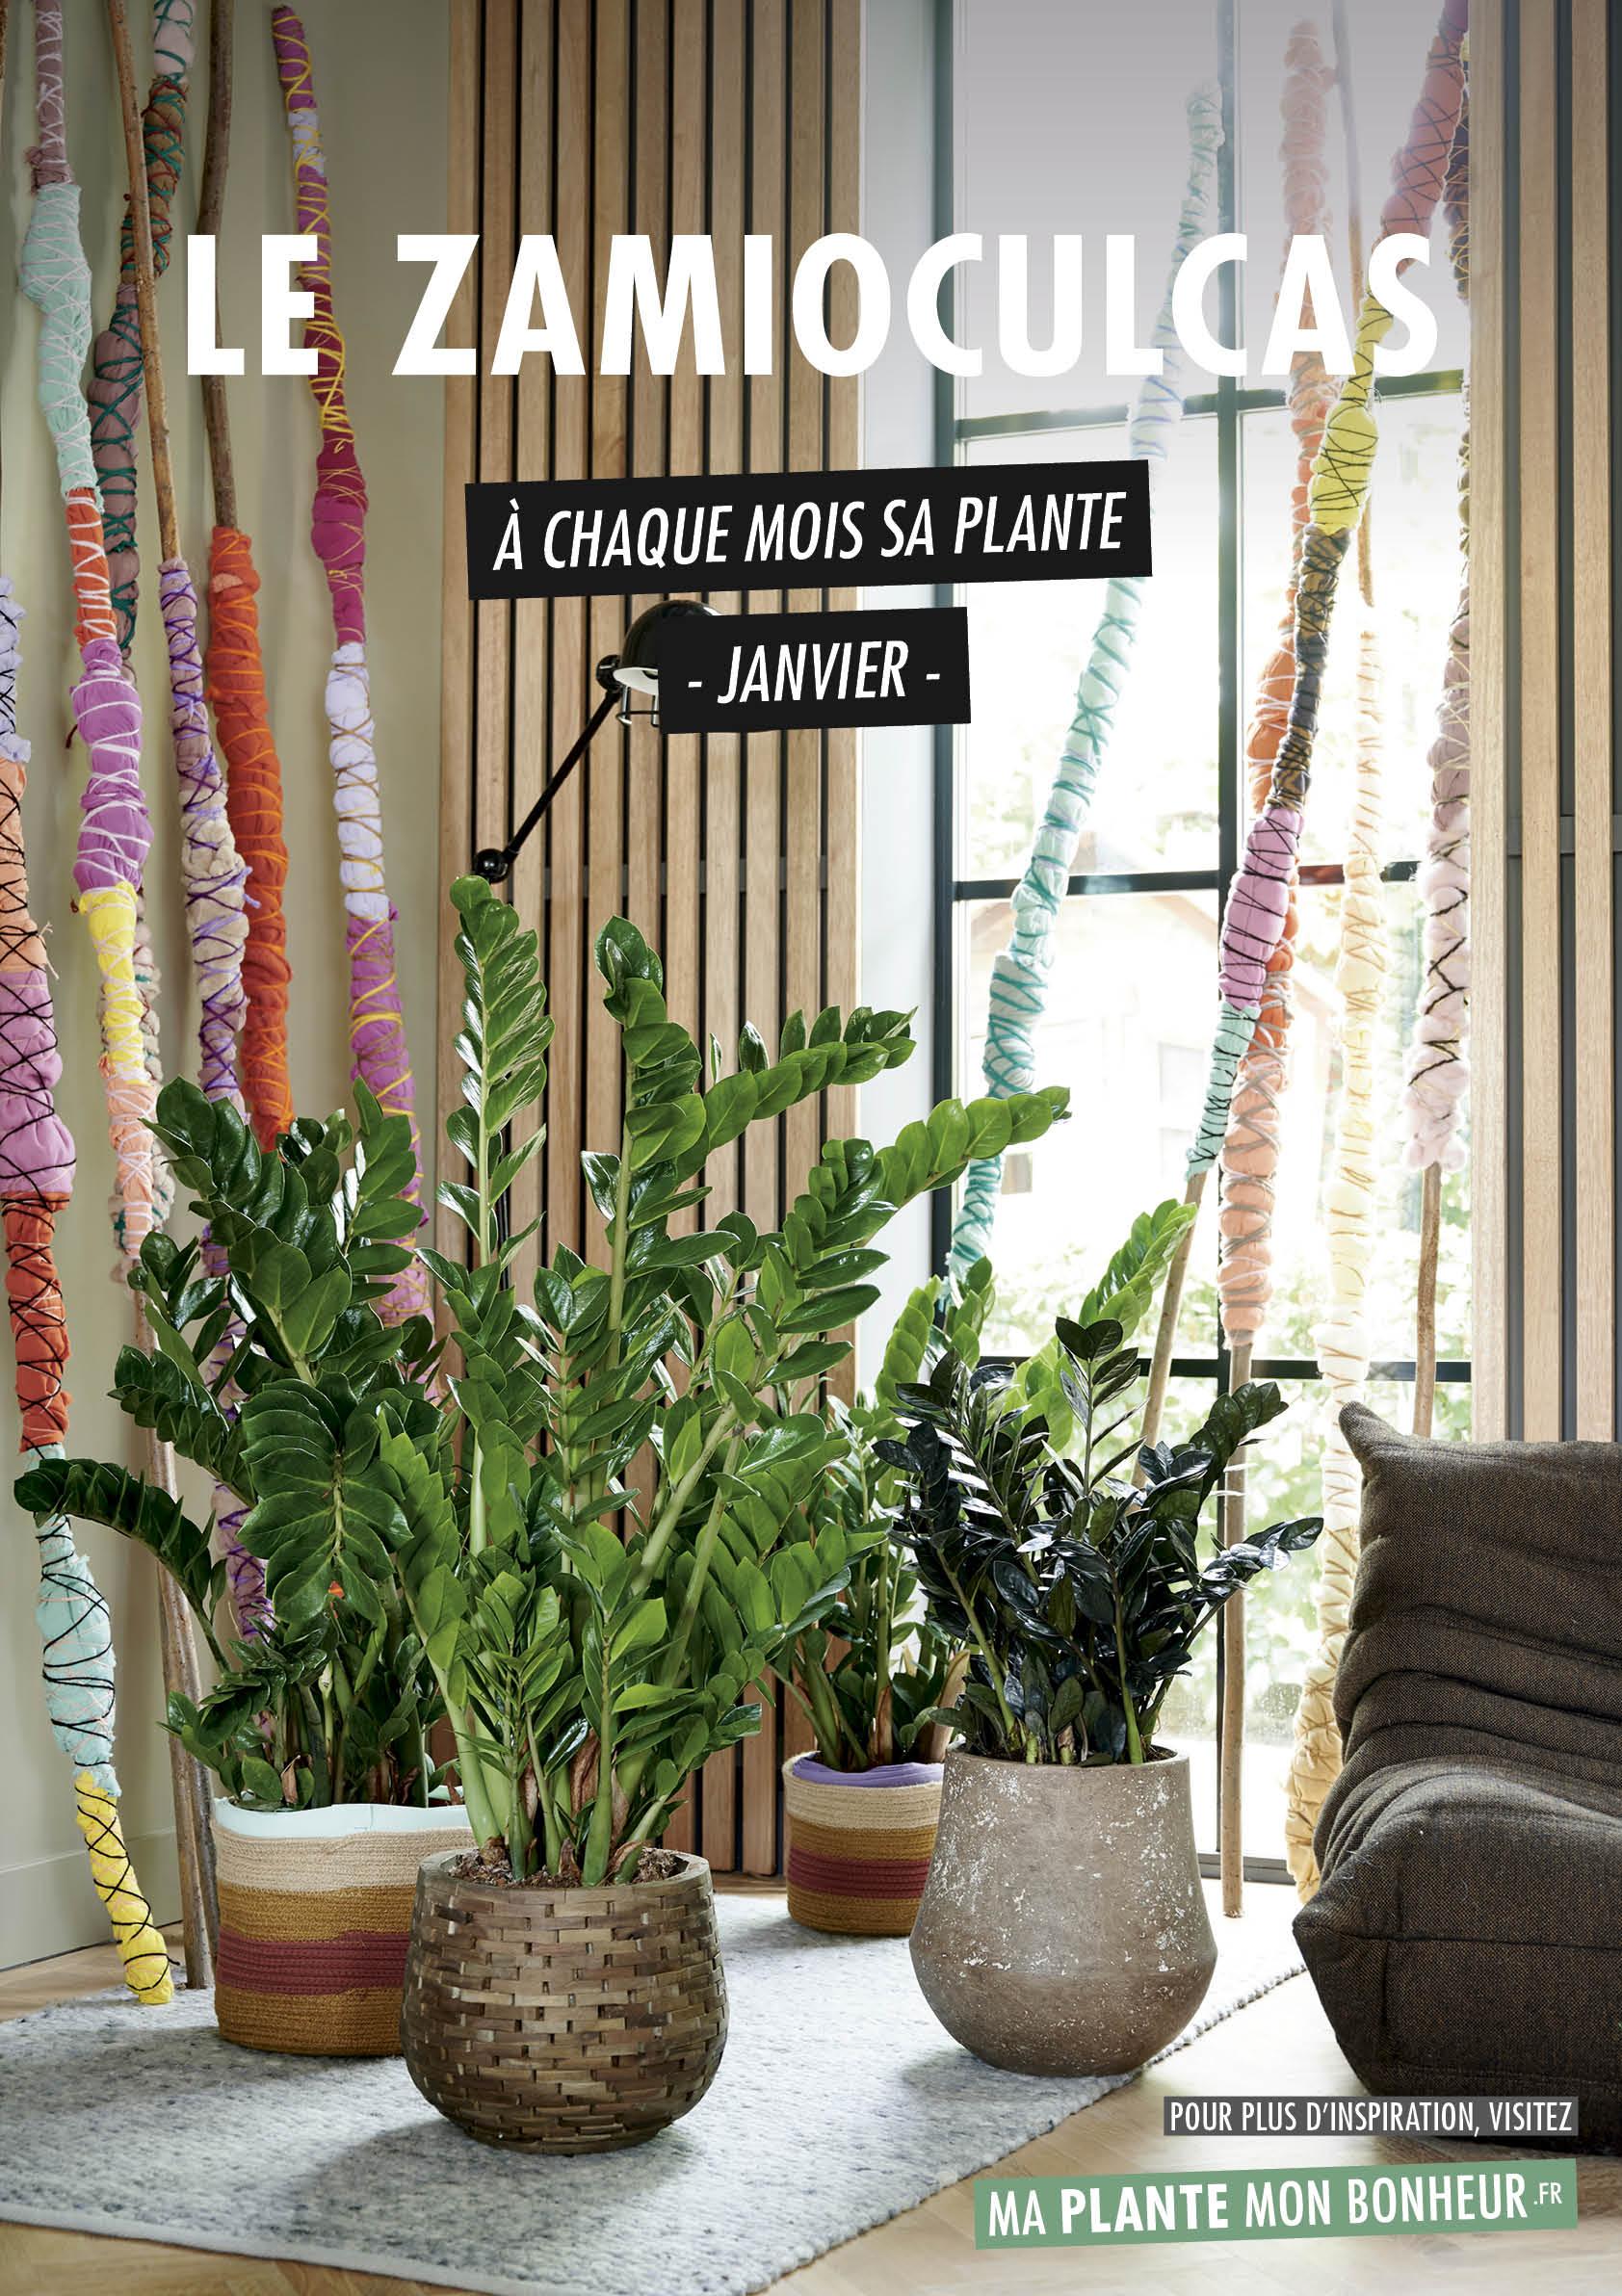 A chaque mois sa plante, janvier 2020 : le zamioculcas